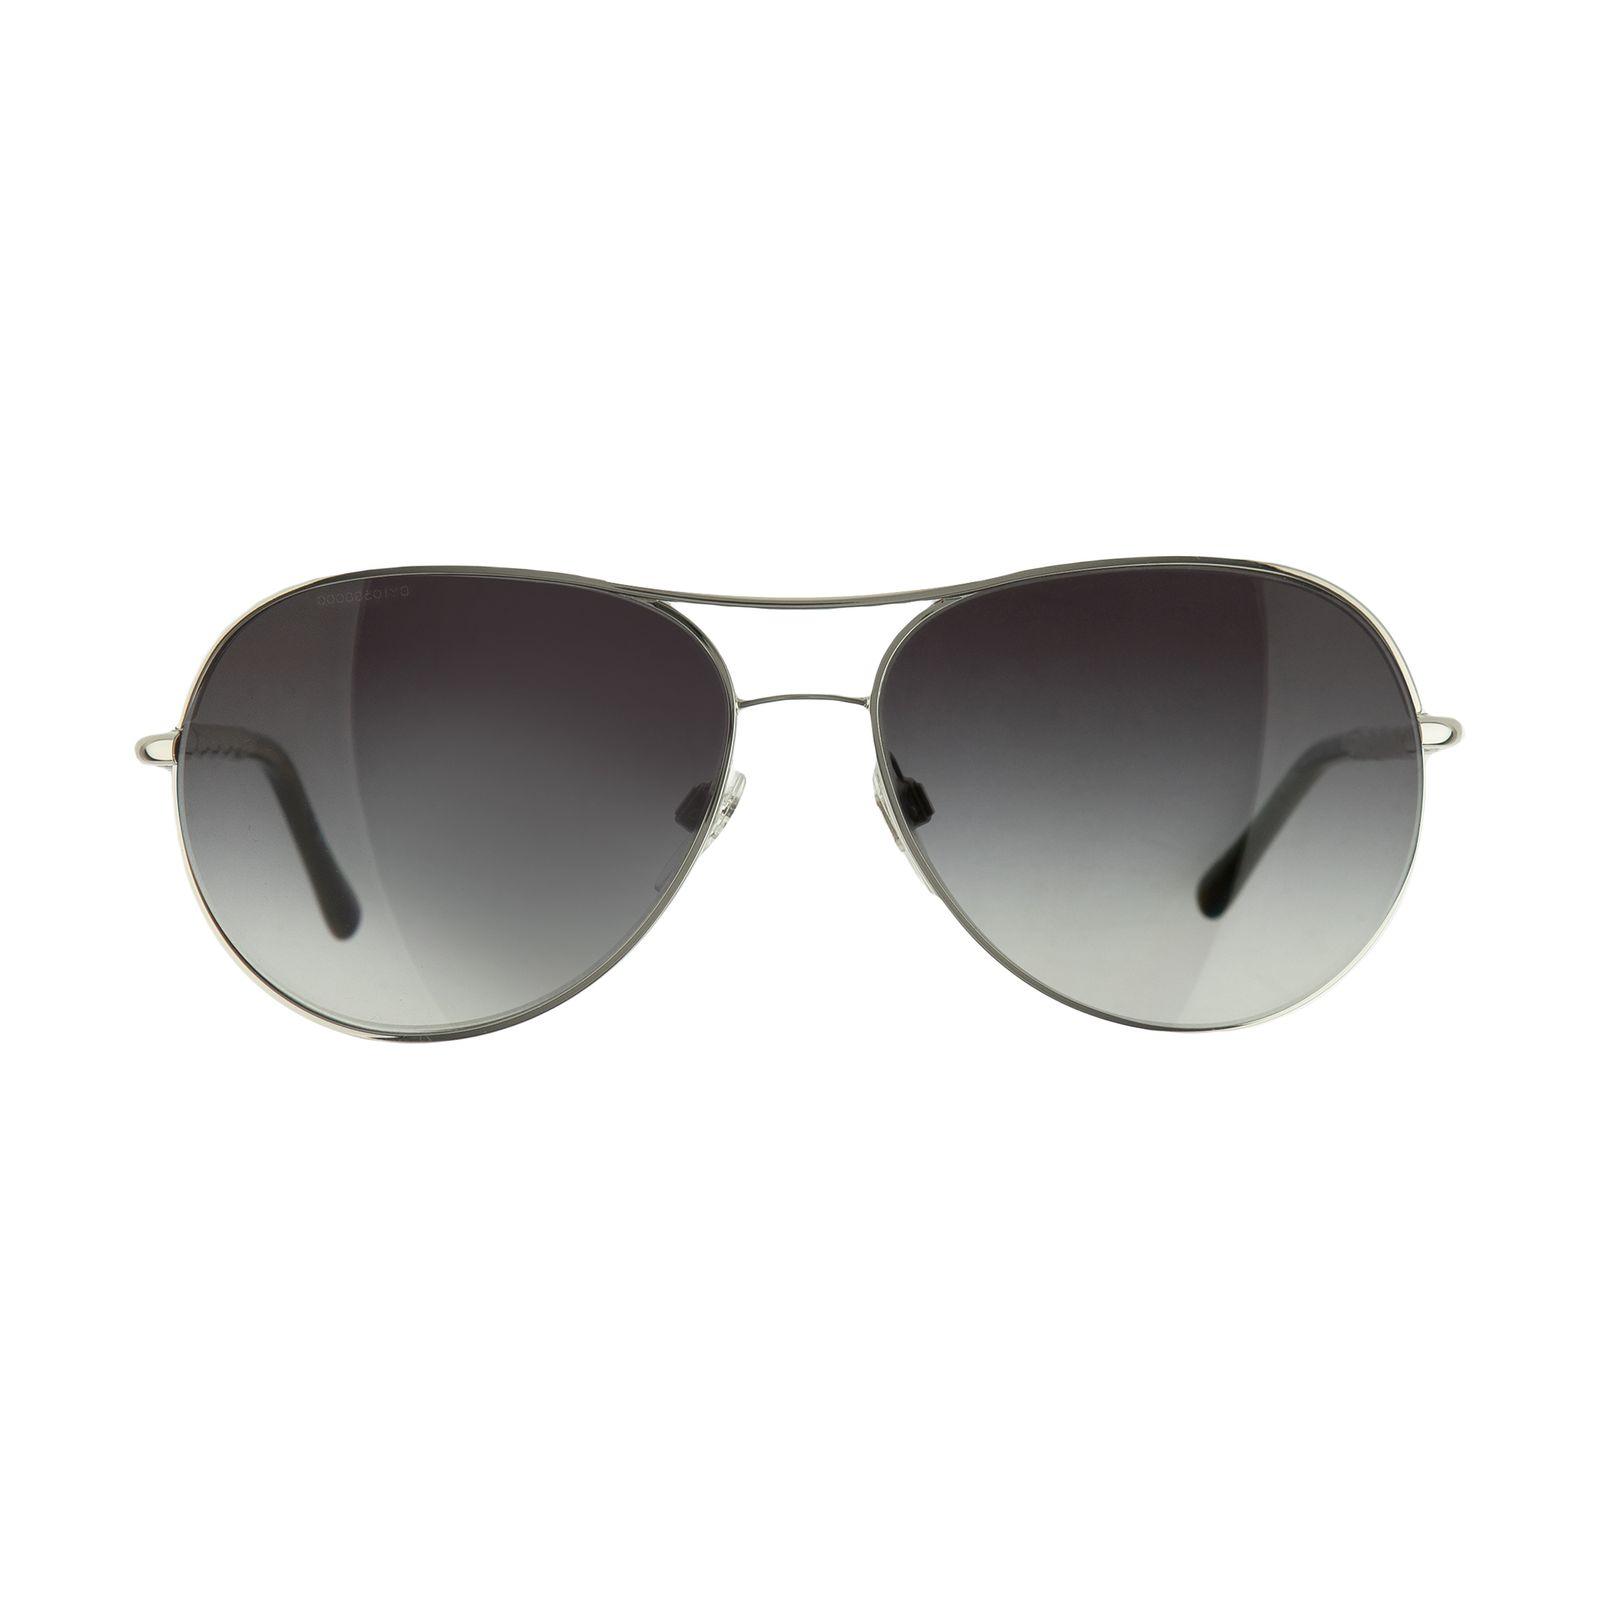 عینک آفتابی زنانه بربری مدل BE 3082S 10058G 57 -  - 2